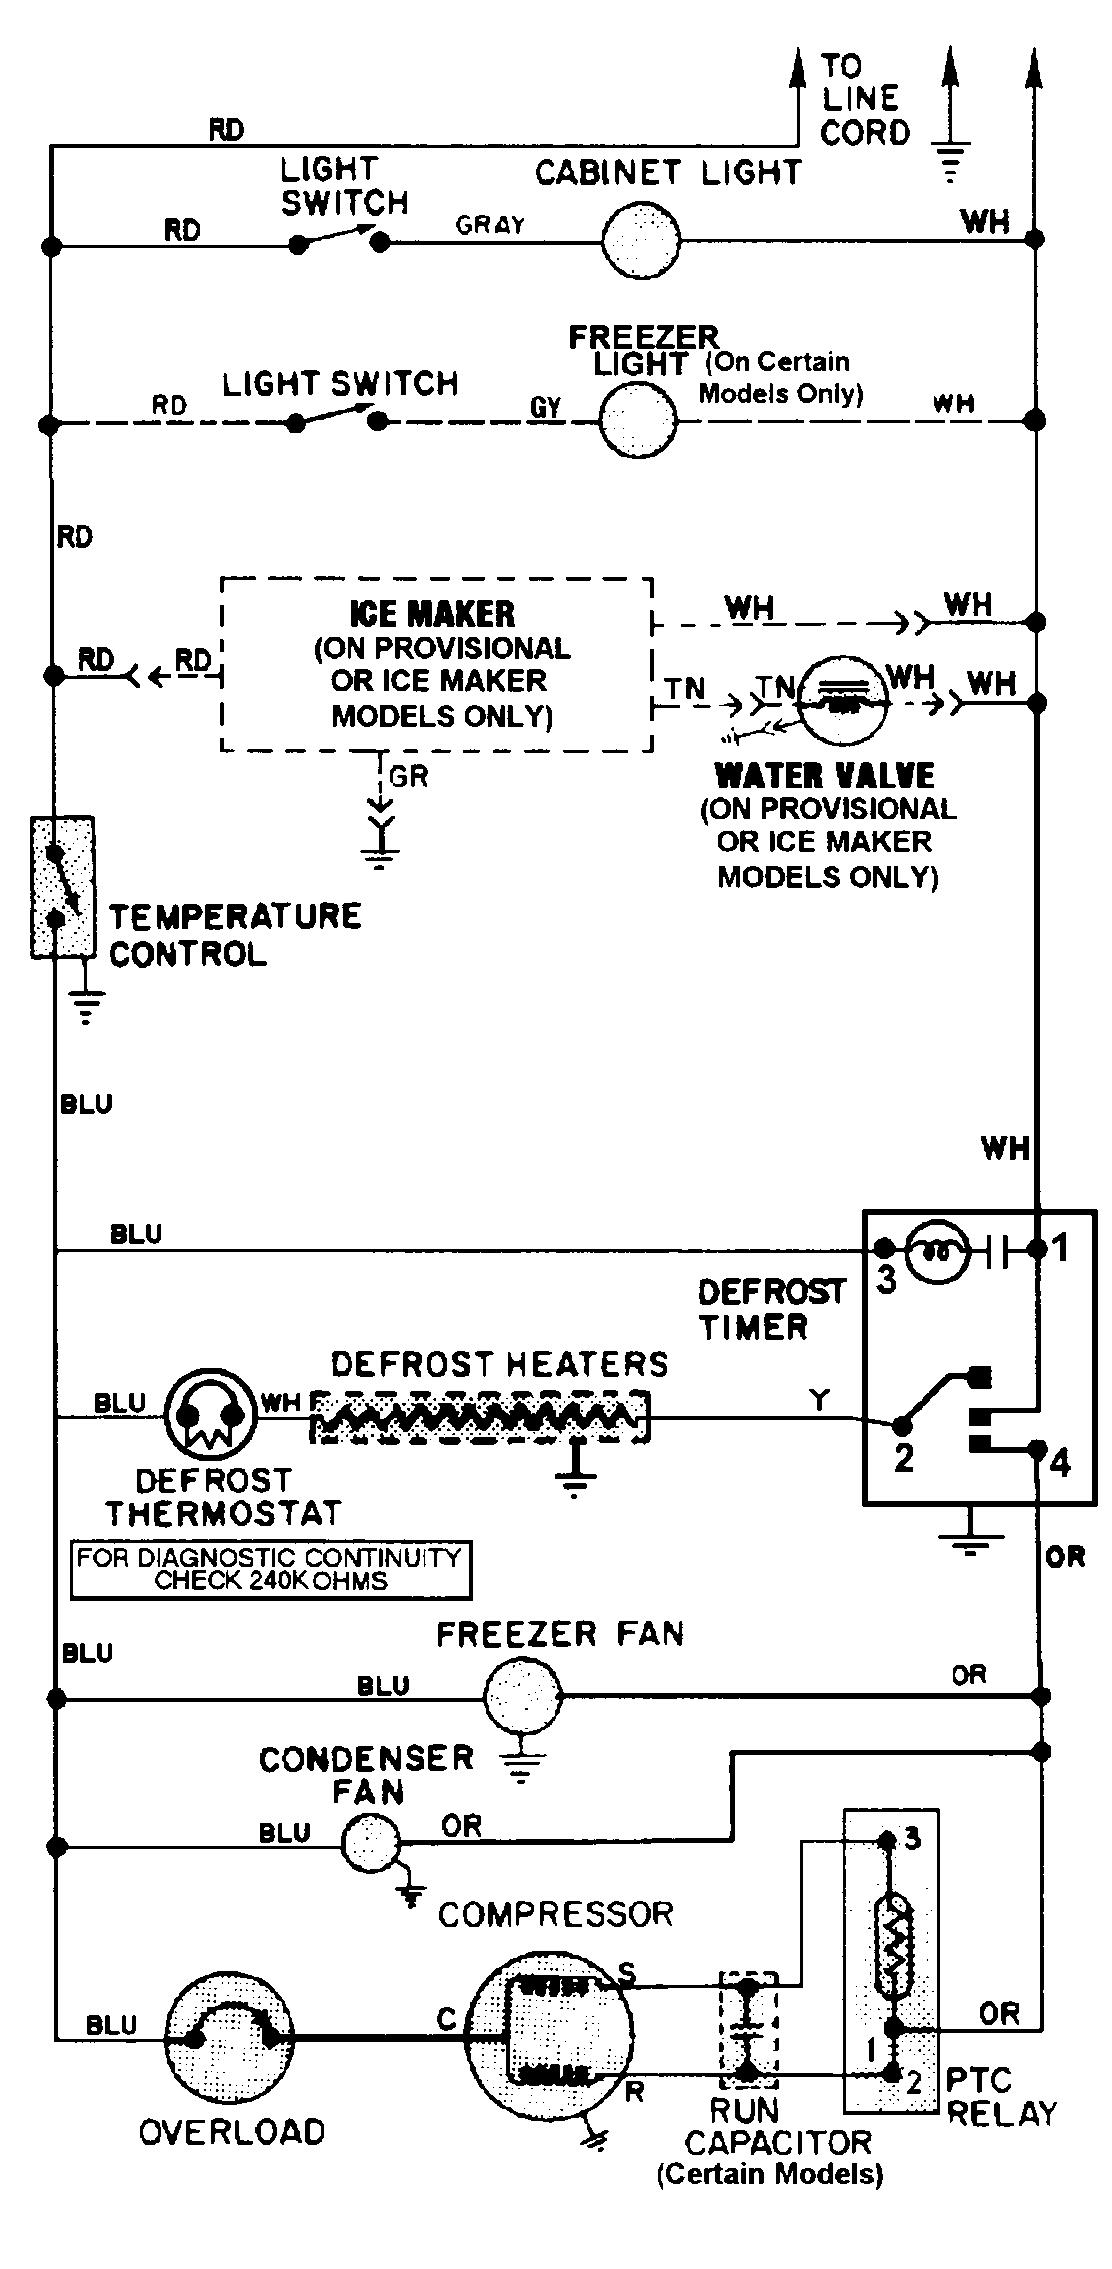 wiring diagram for crosley dryer ov 8564  maytag refrigerator wiring diagram wiring diagram admiral  maytag refrigerator wiring diagram